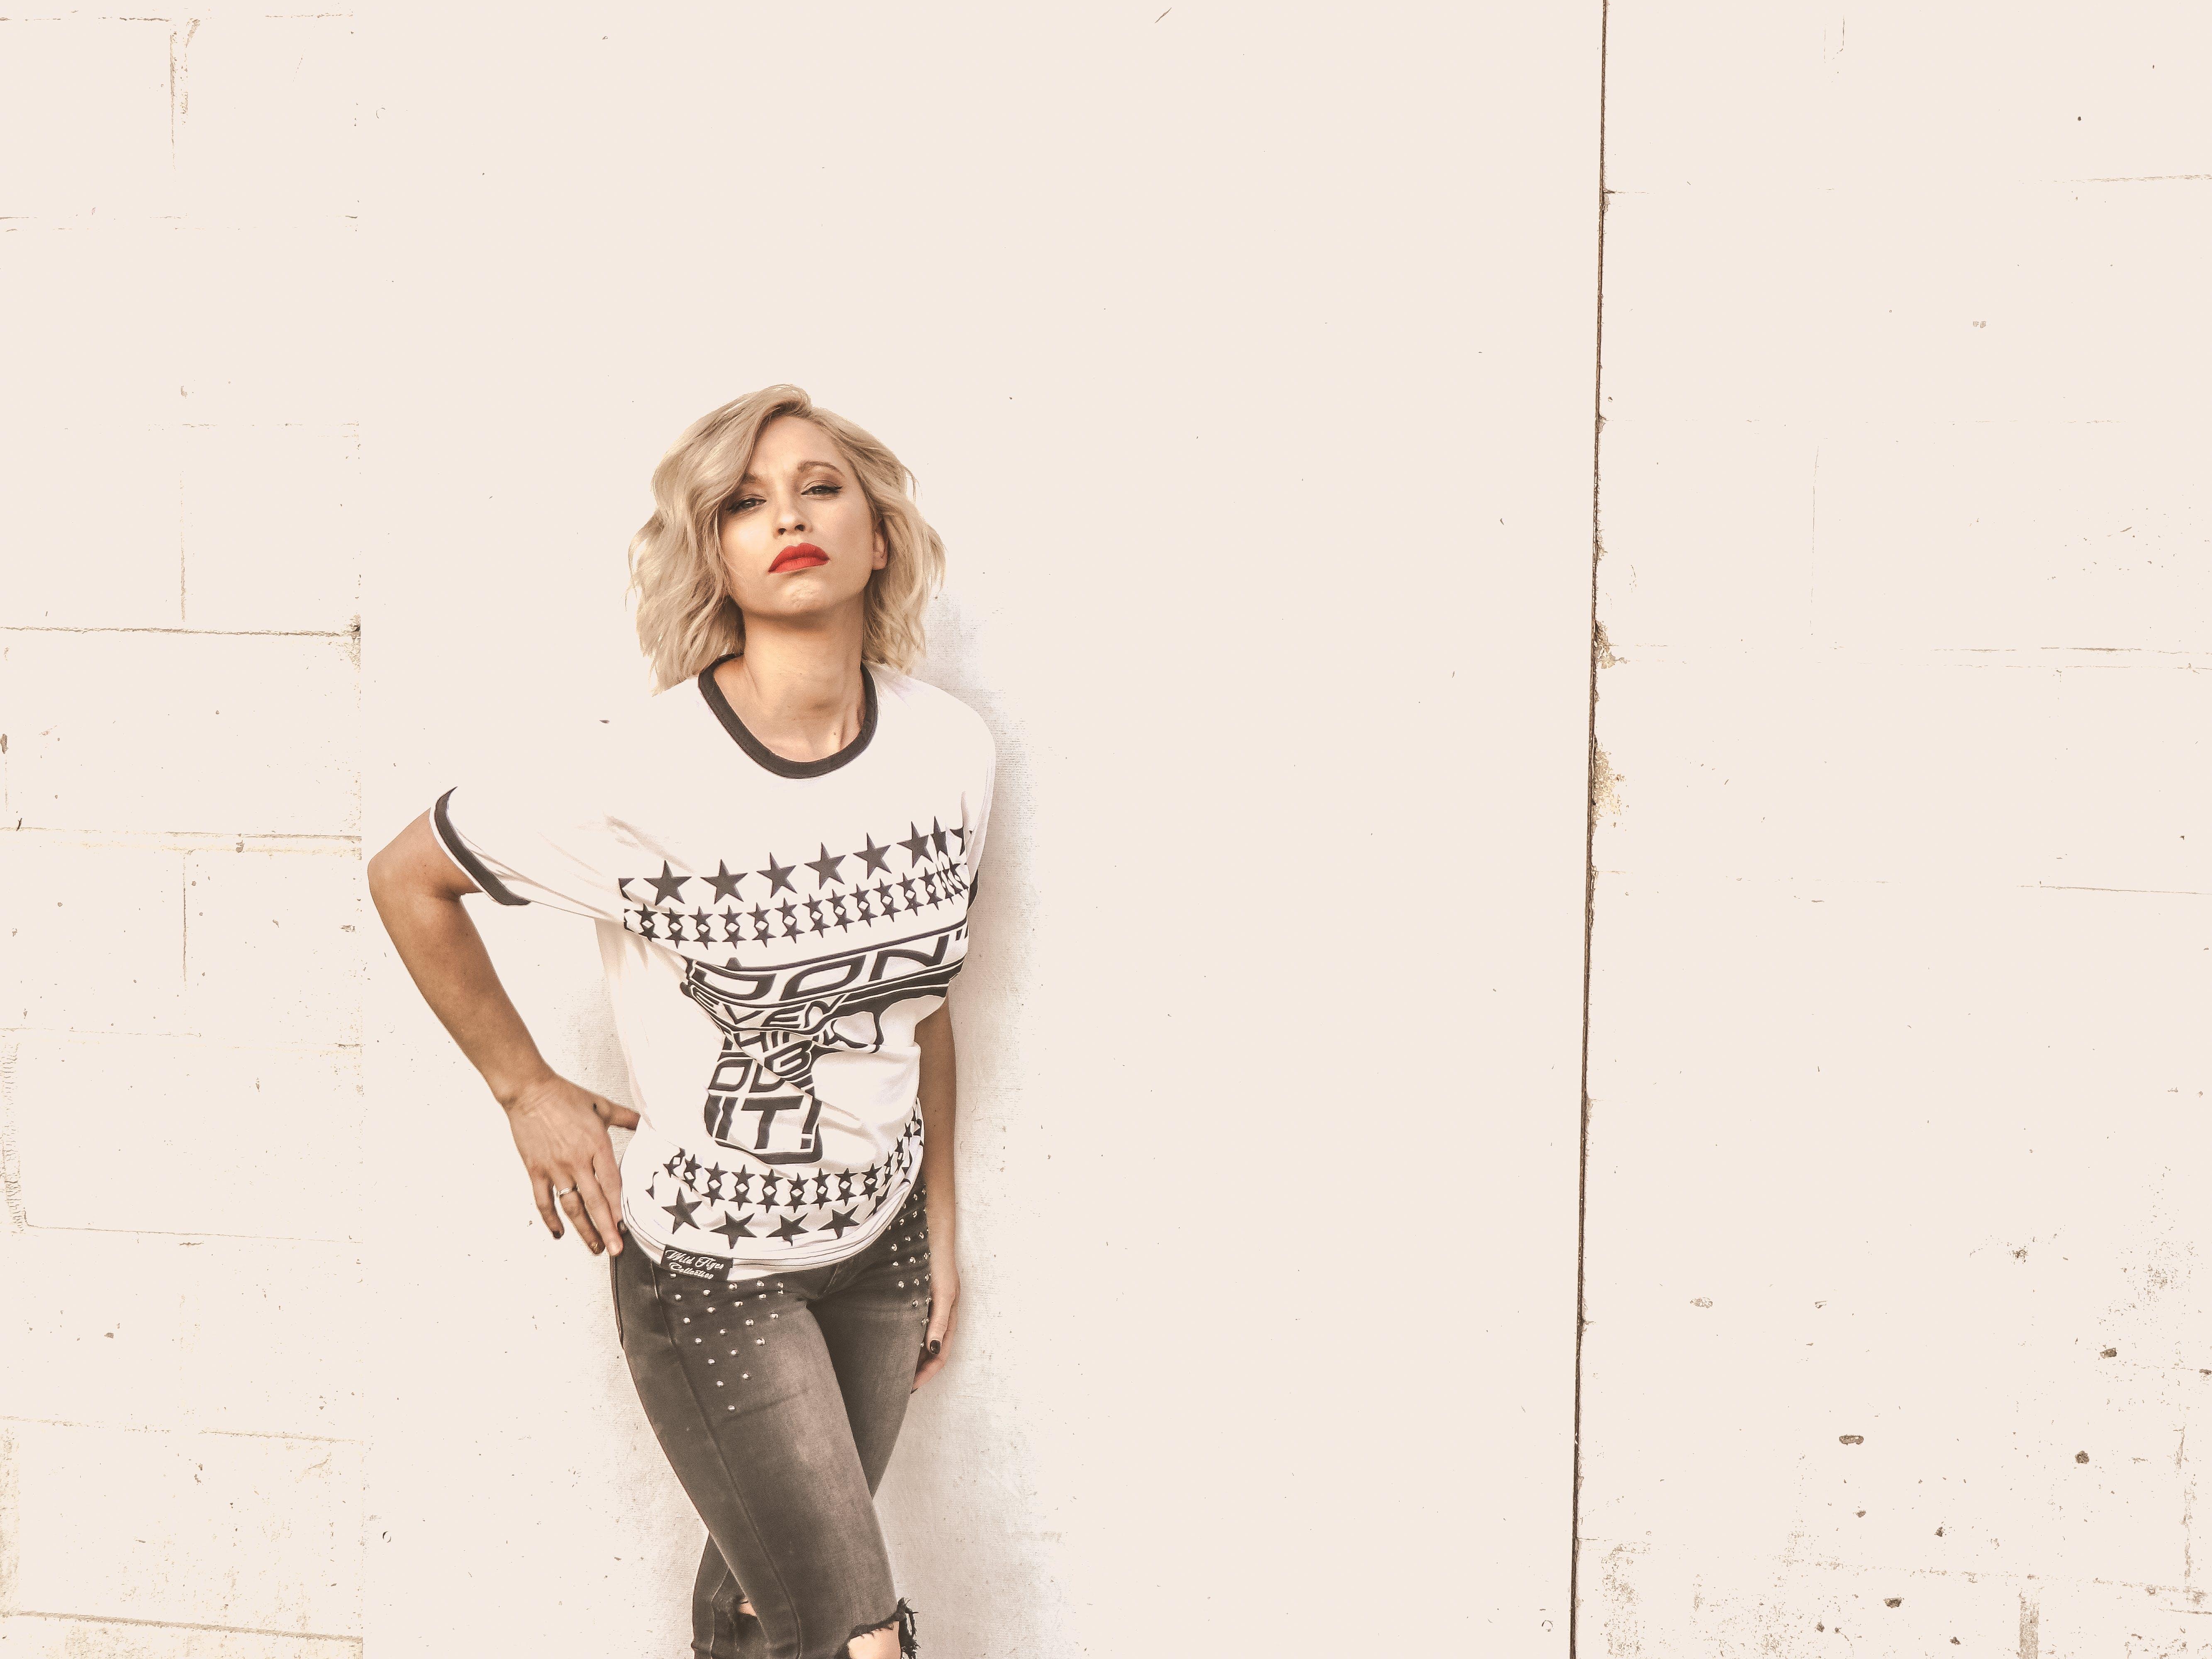 Kostenloses Stock Foto zu attraktiv, blond, dame, fashion